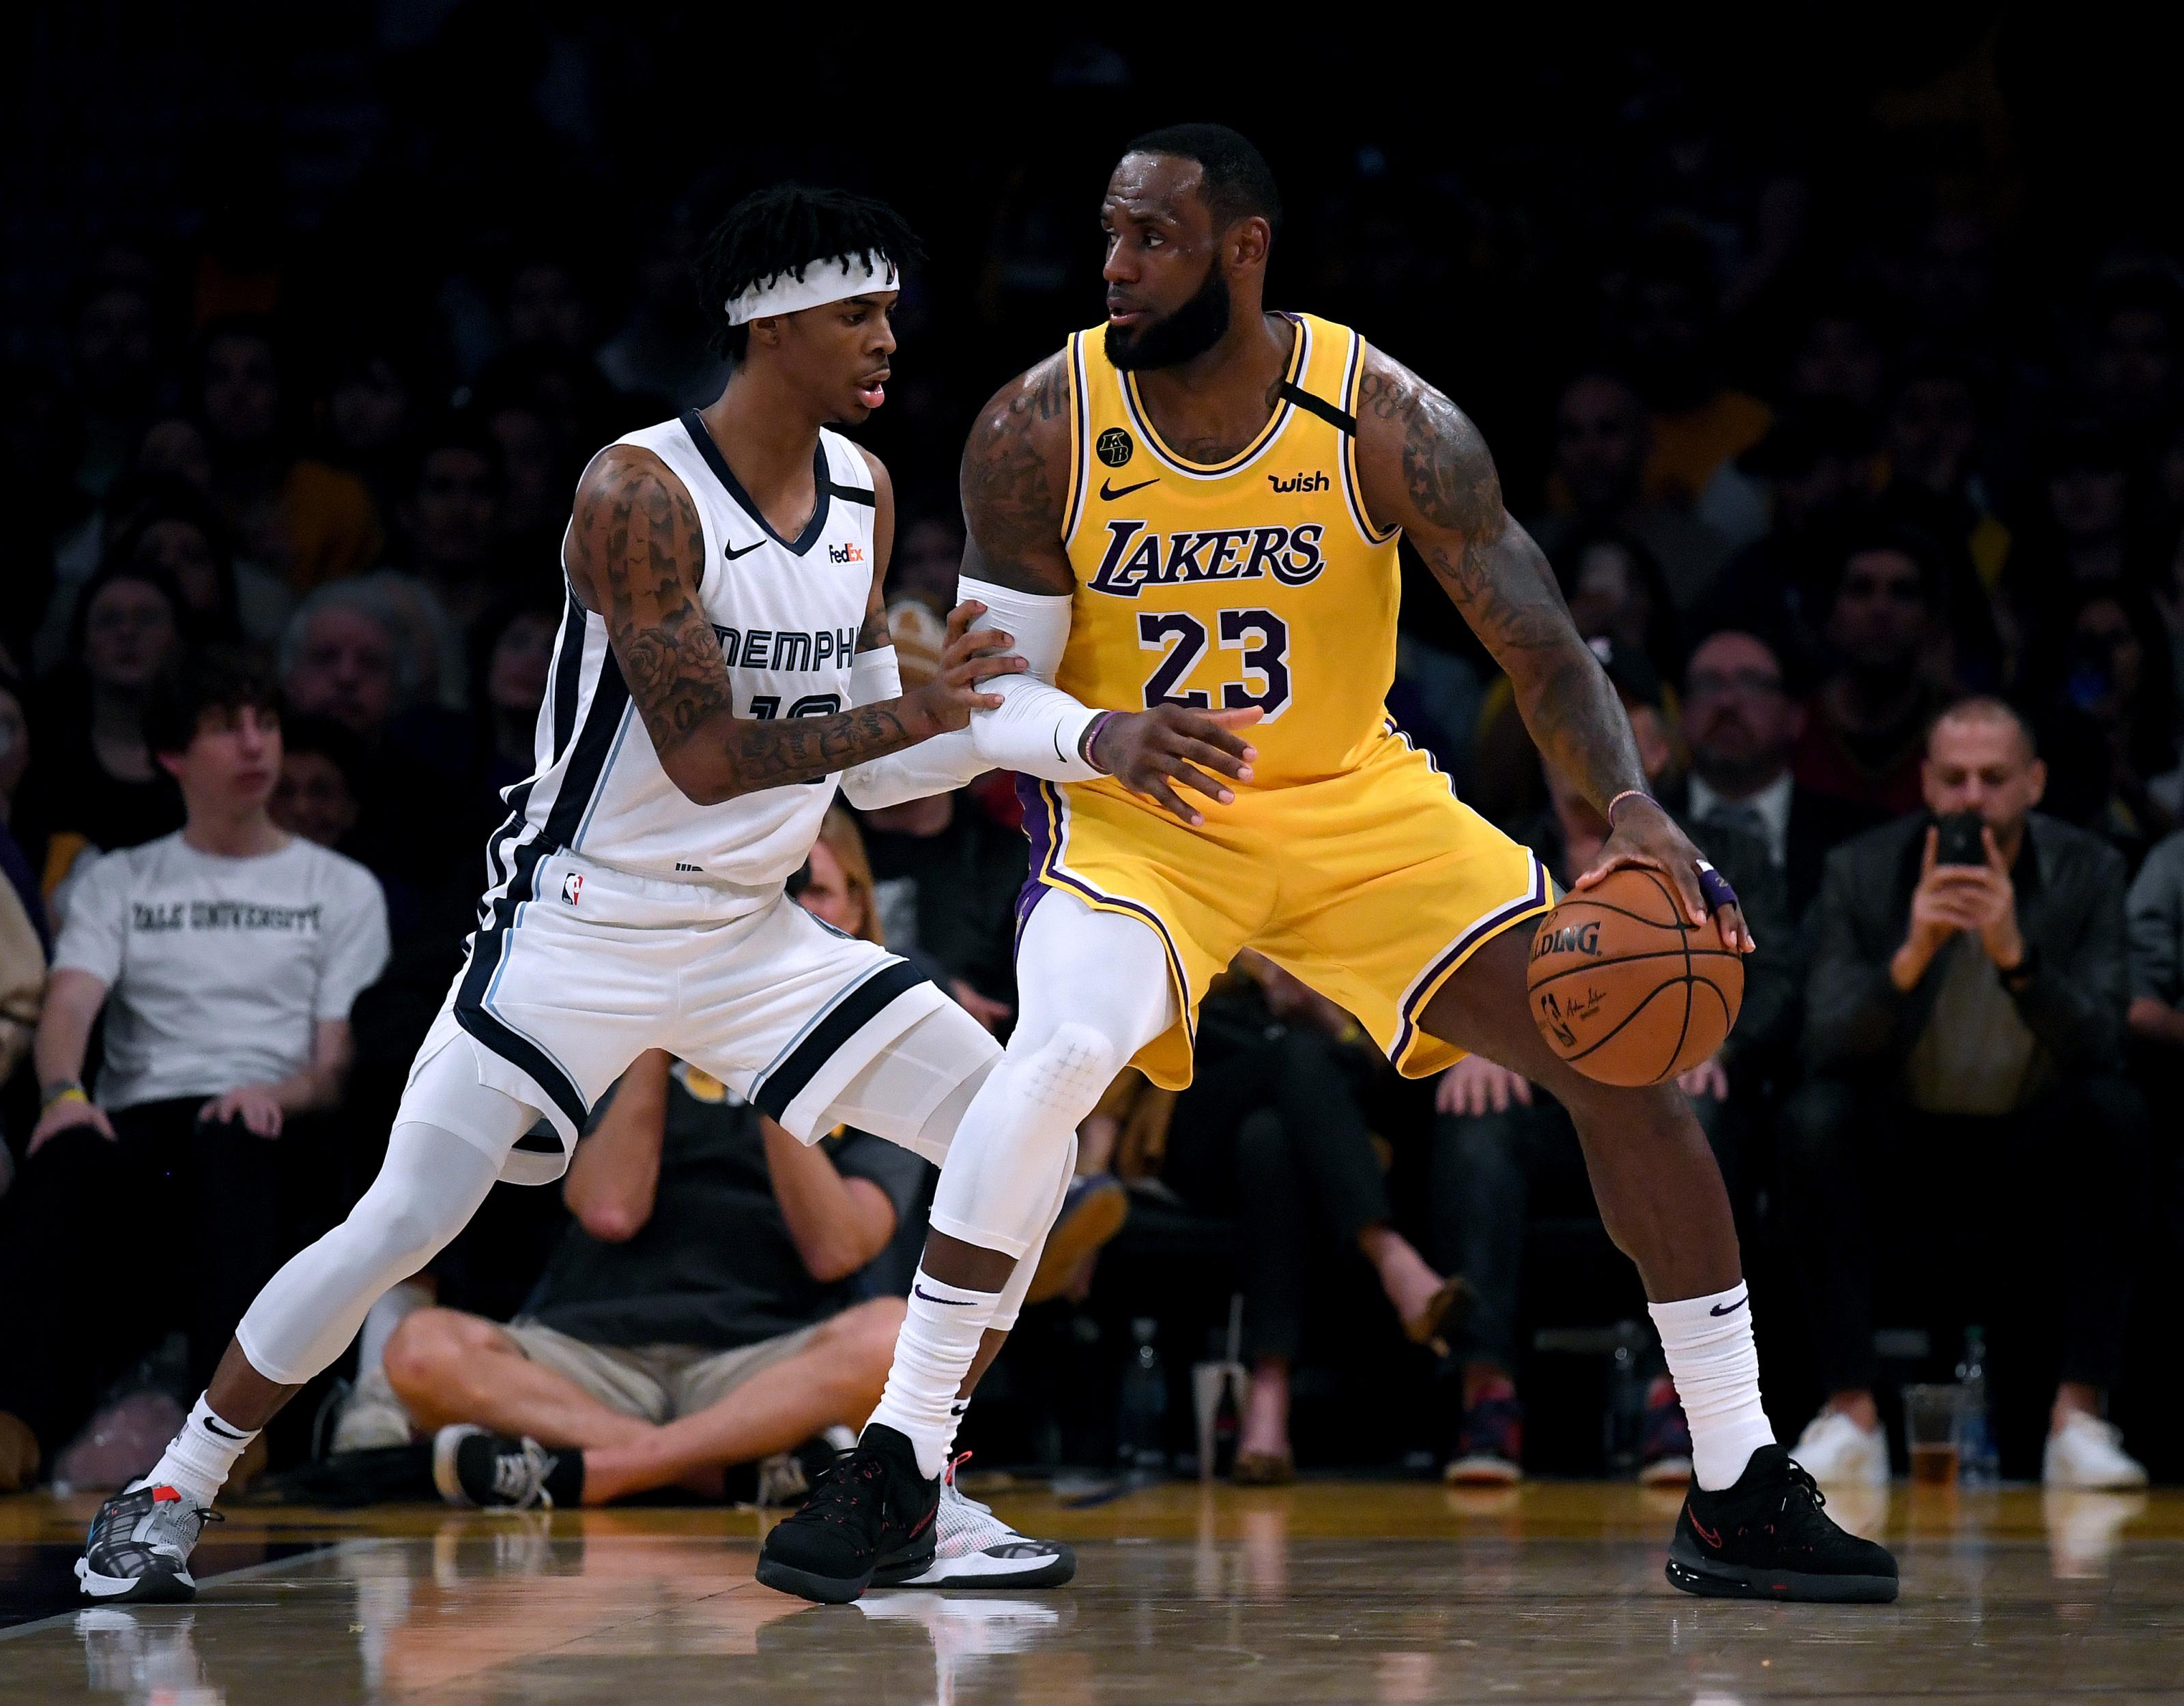 NBA: Les Lakers augmentent leur avance, Toronto se relance… Le résumé de la nuit